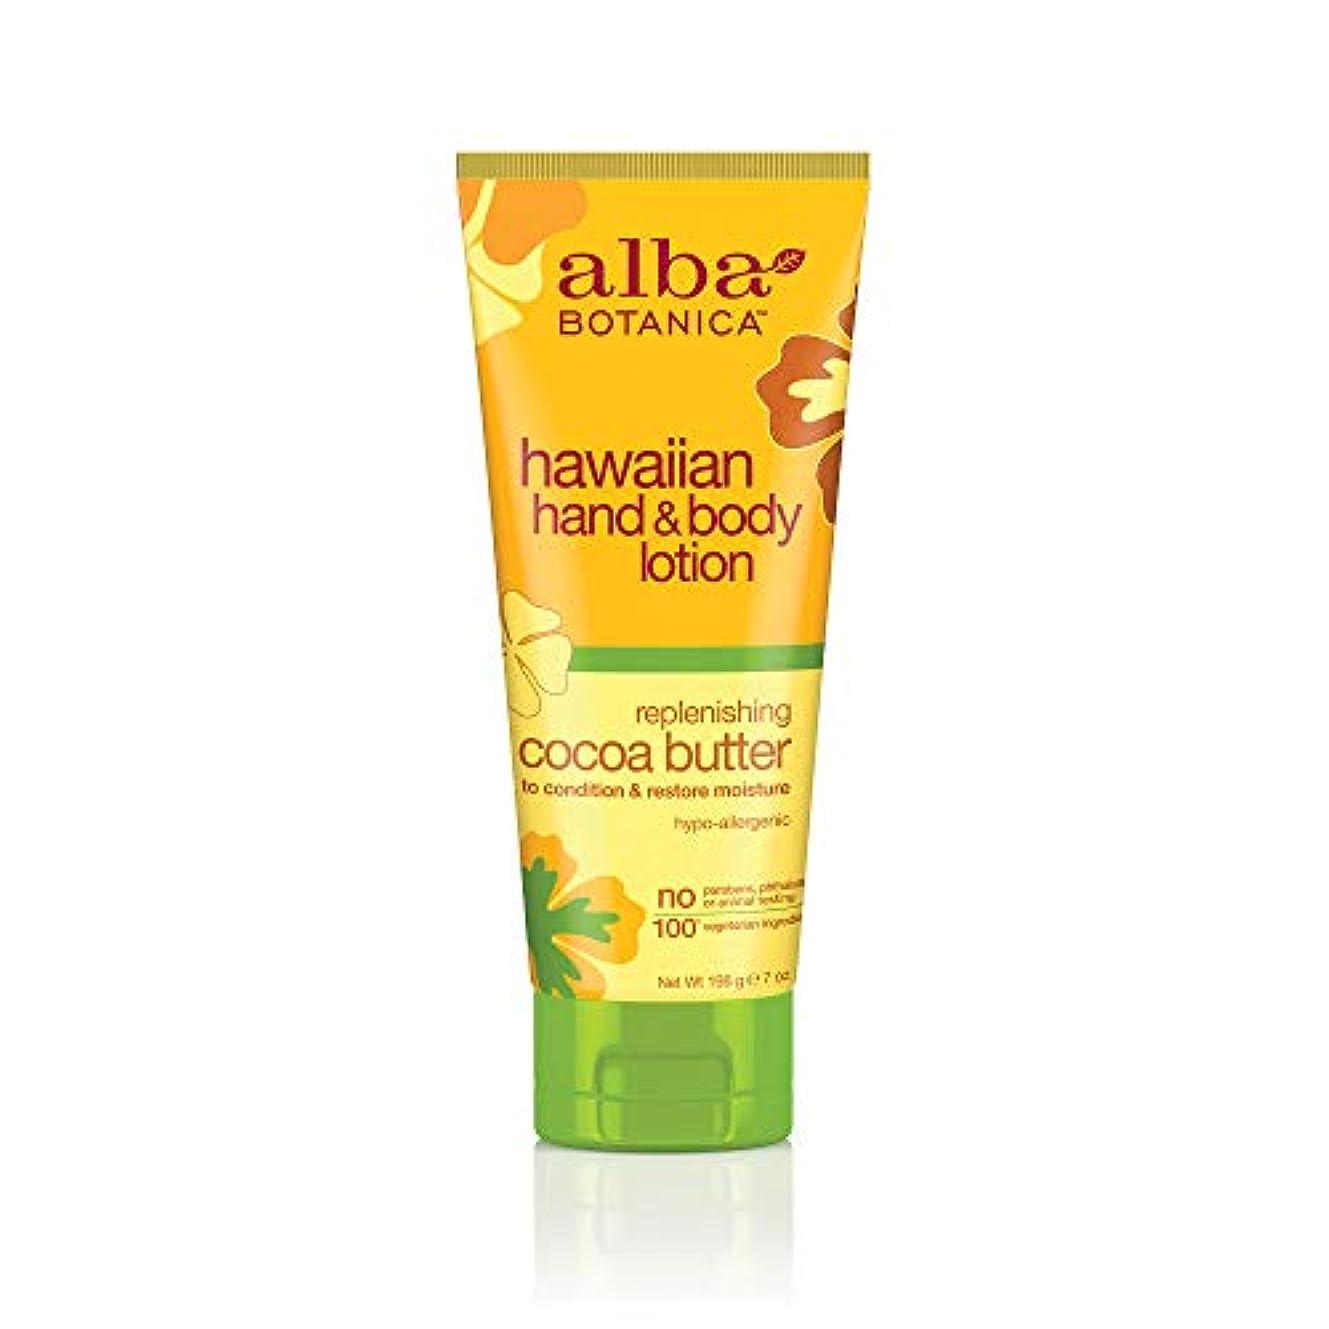 アシスト熟読宇宙海外直送品 Alba Botanica Hawaiian Hand & Body Lotion, Cocoa Butter 7 oz